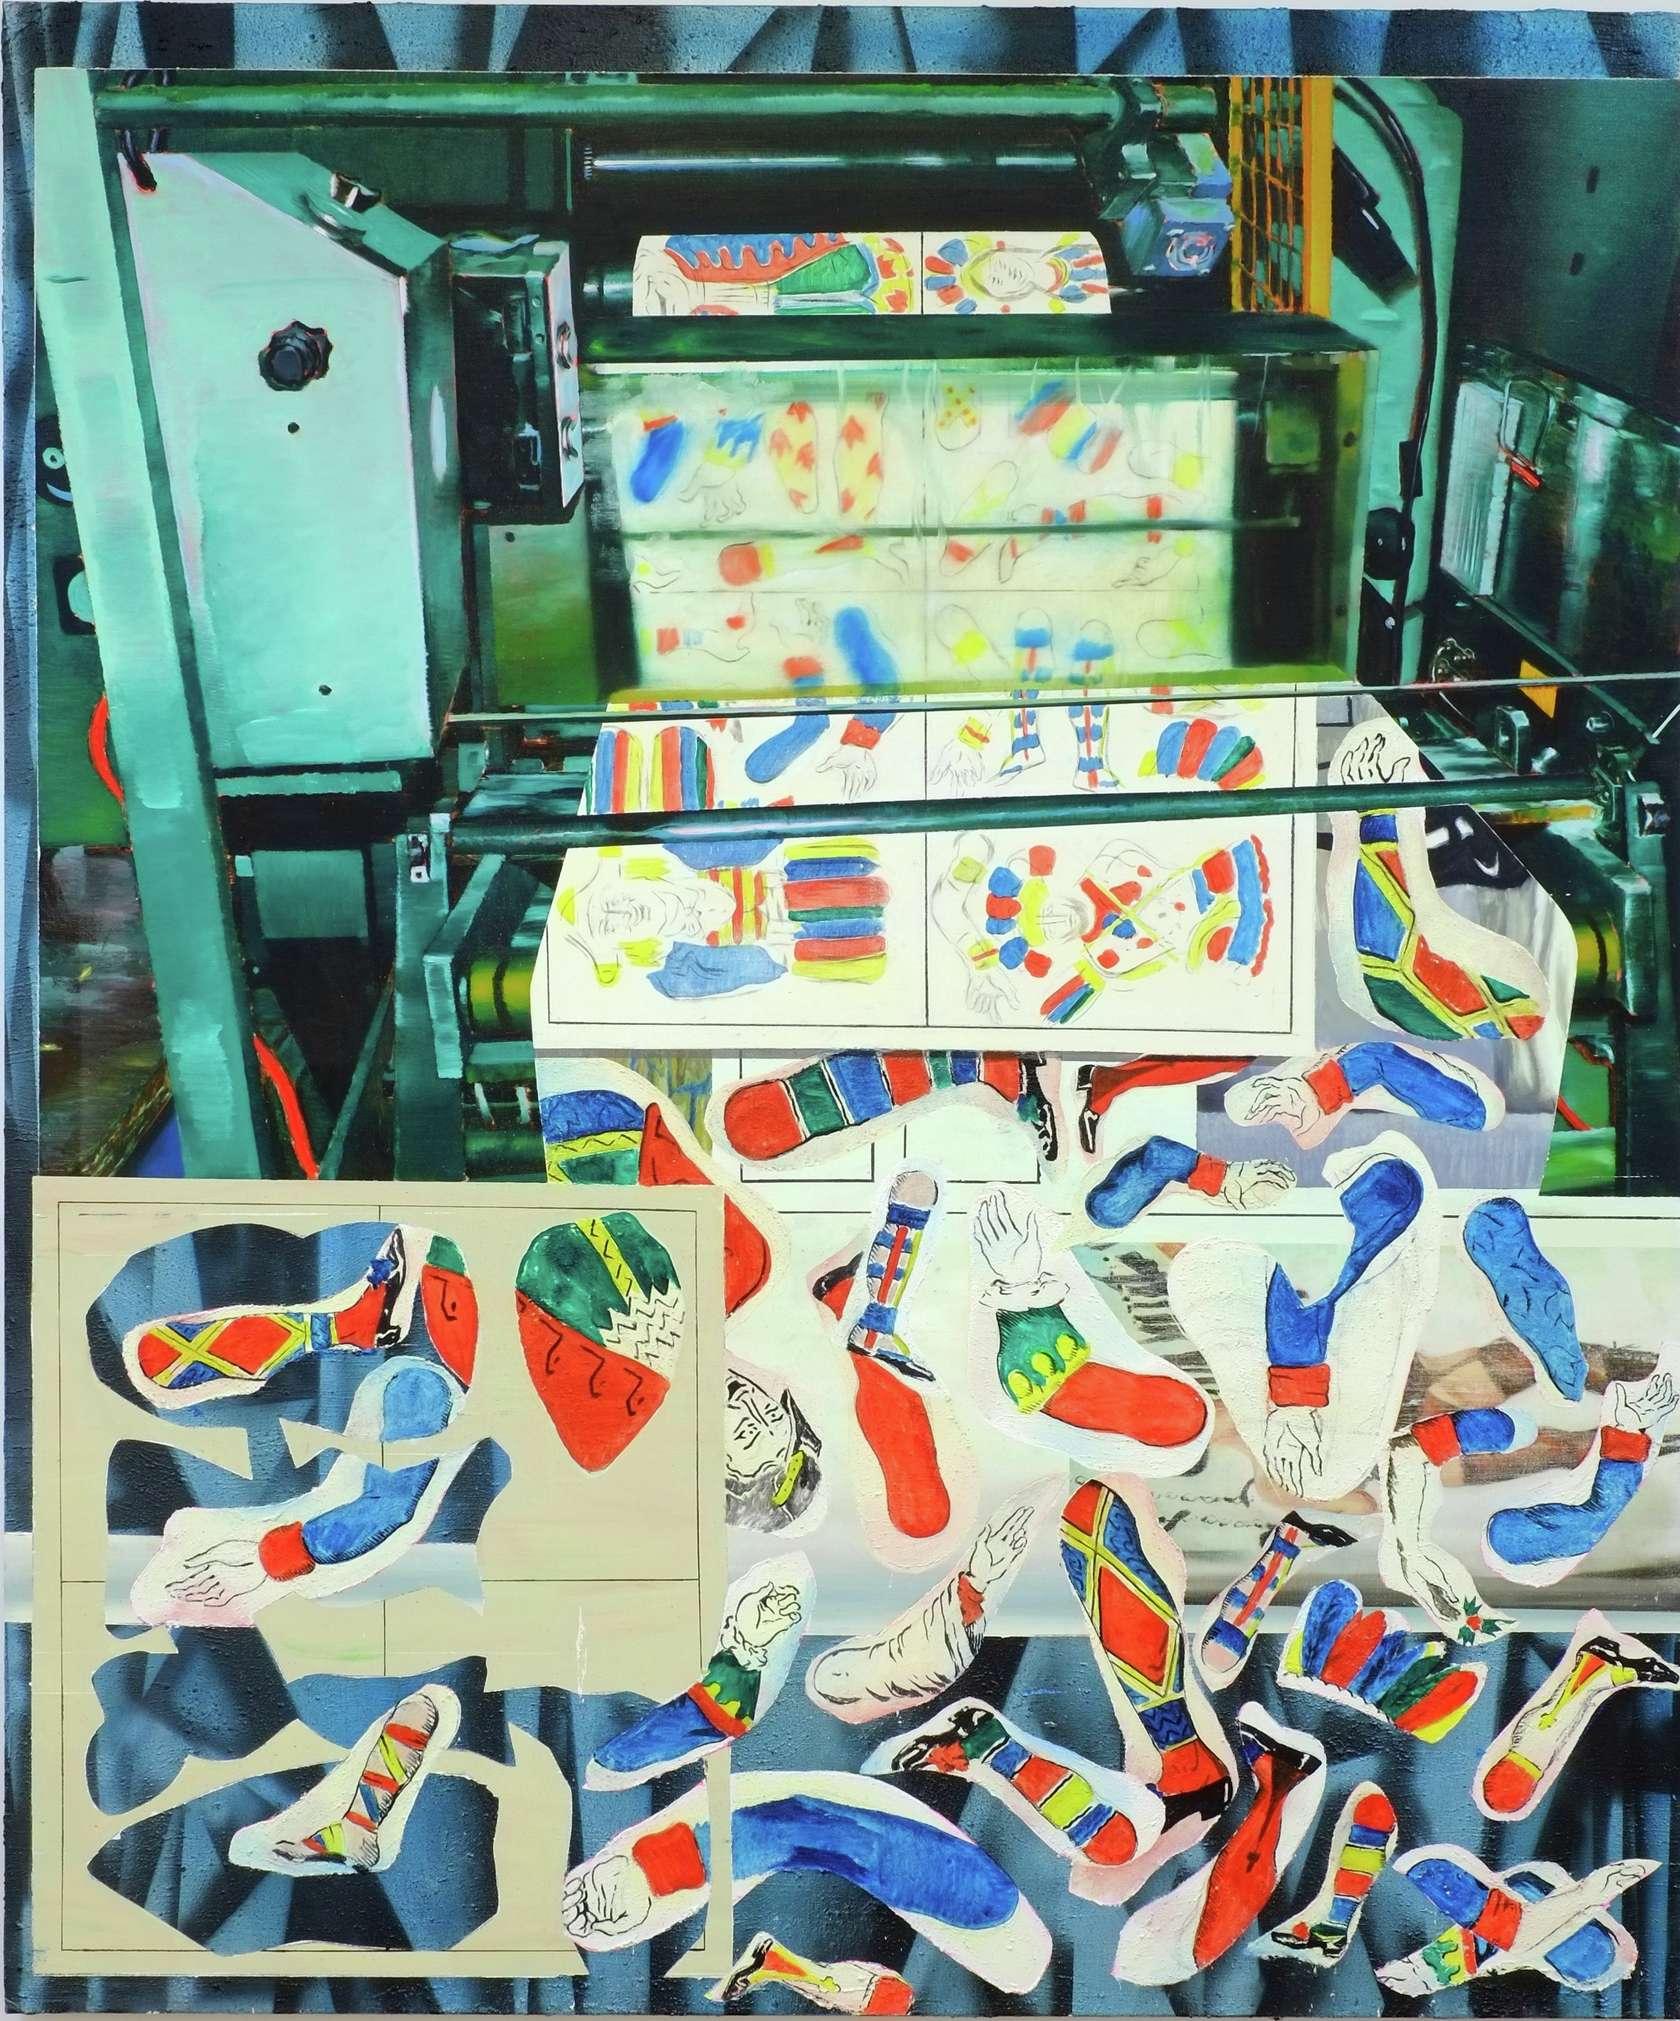 Laurent Proux, Découpe, 2015 Huile sur toile240 x 200 cm / 94 1/2 x 78 6/8 inches